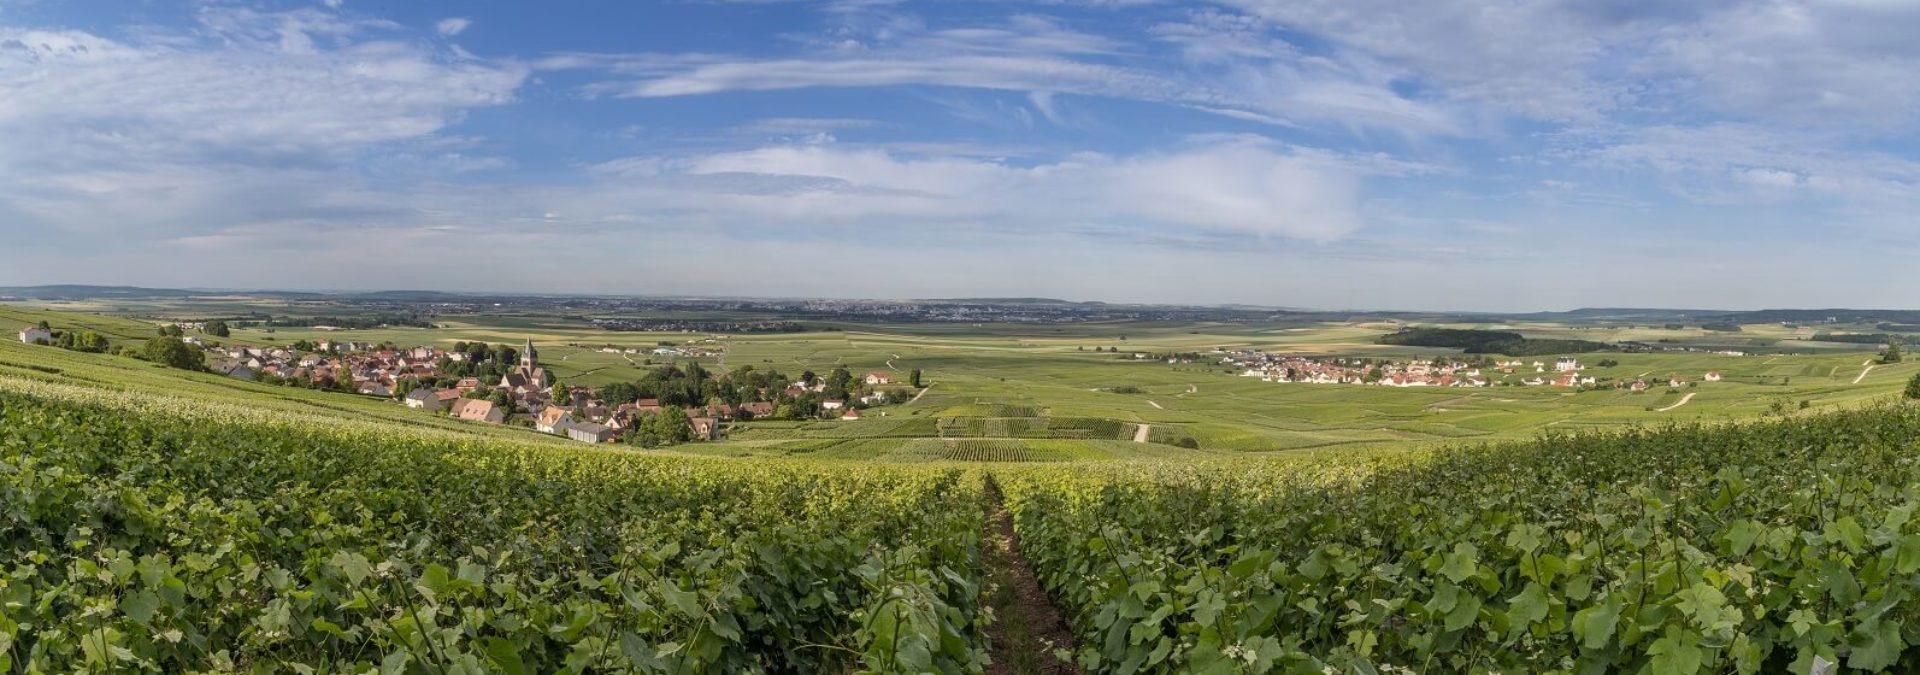 Champagne F. Bergeronneau-Marion